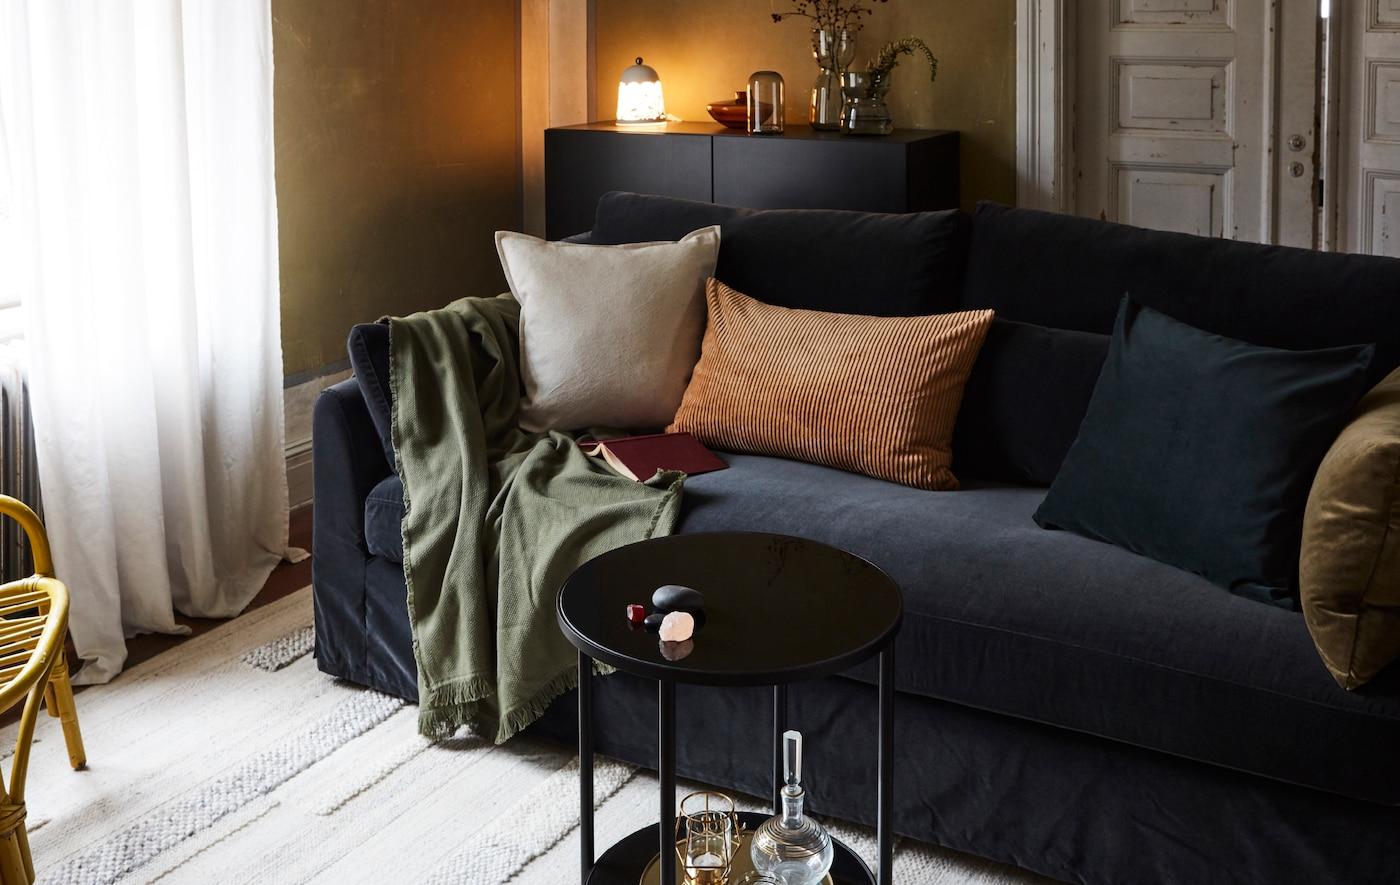 Ei stue med sofa, puter, pledd, gulvteppe, et lite bord, skjenk med ei lampe og vaser på samt en lenestol i rotting.